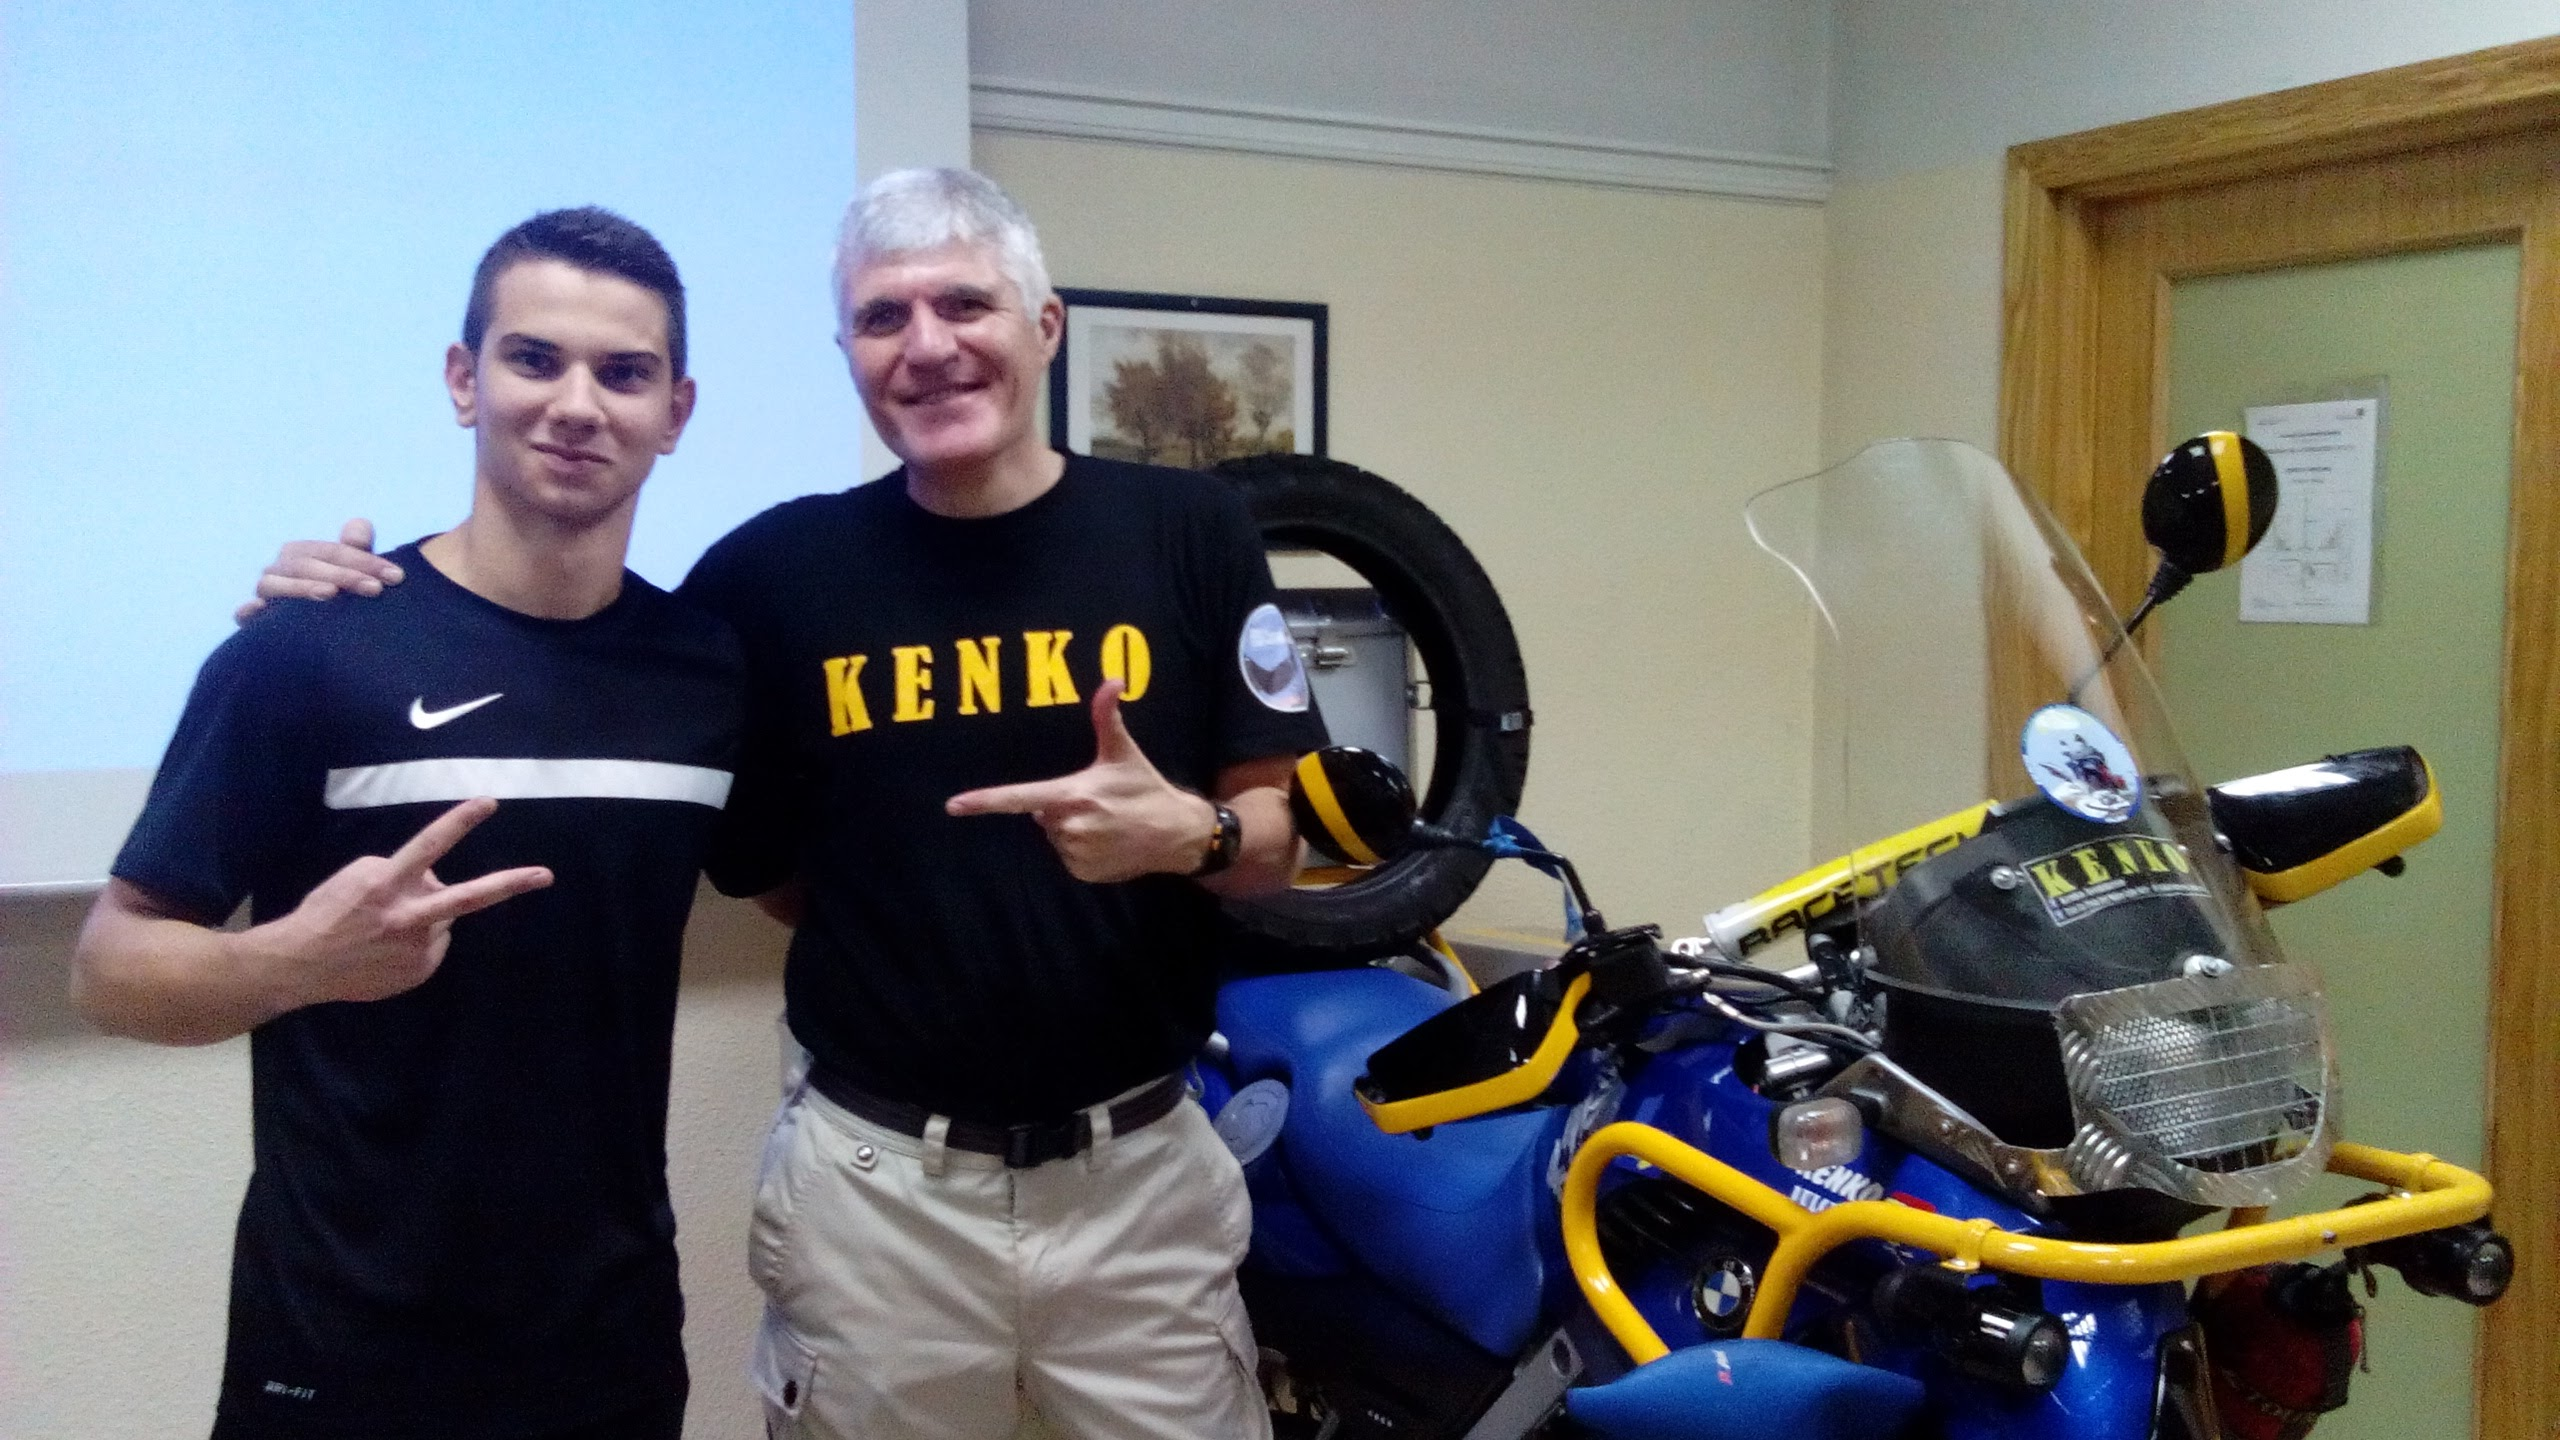 Kenko Aventurero en el Falla 3